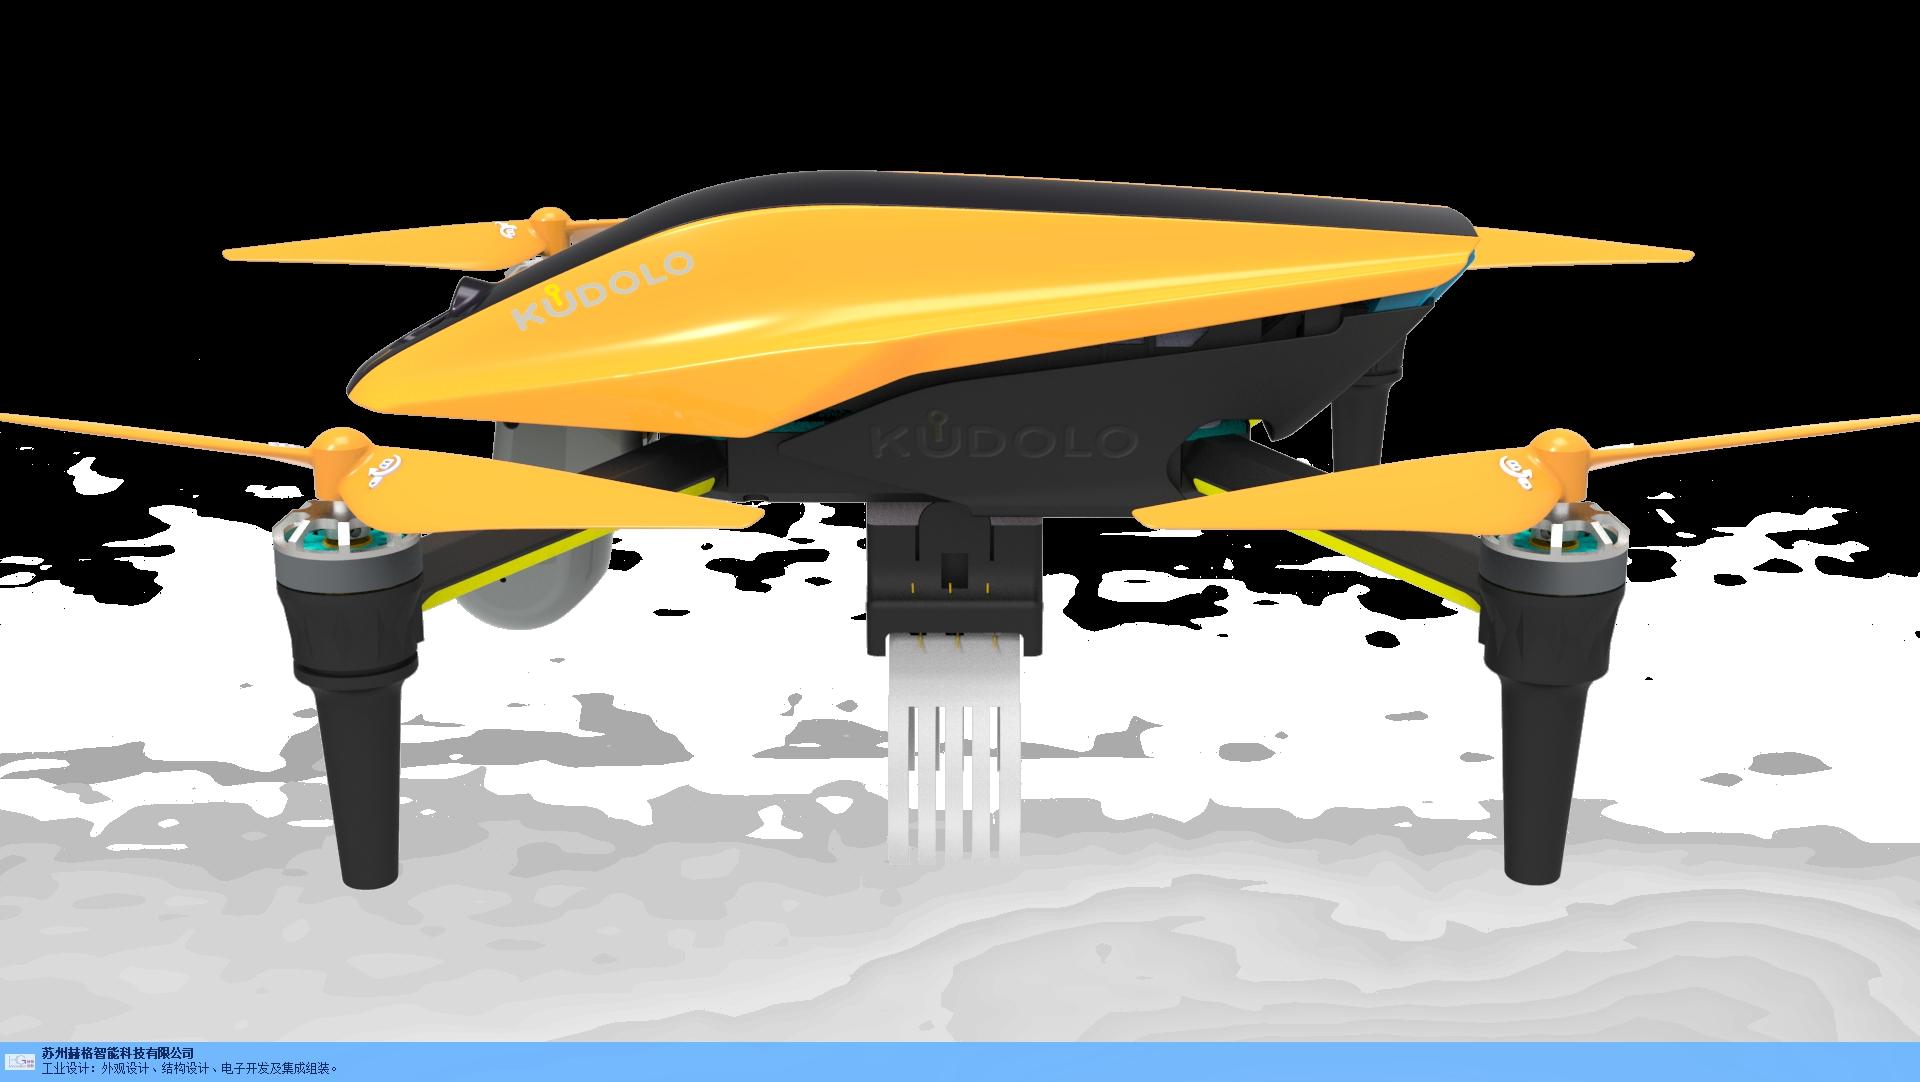 南通工业设计产品介绍 苏州赫格智能科技供应